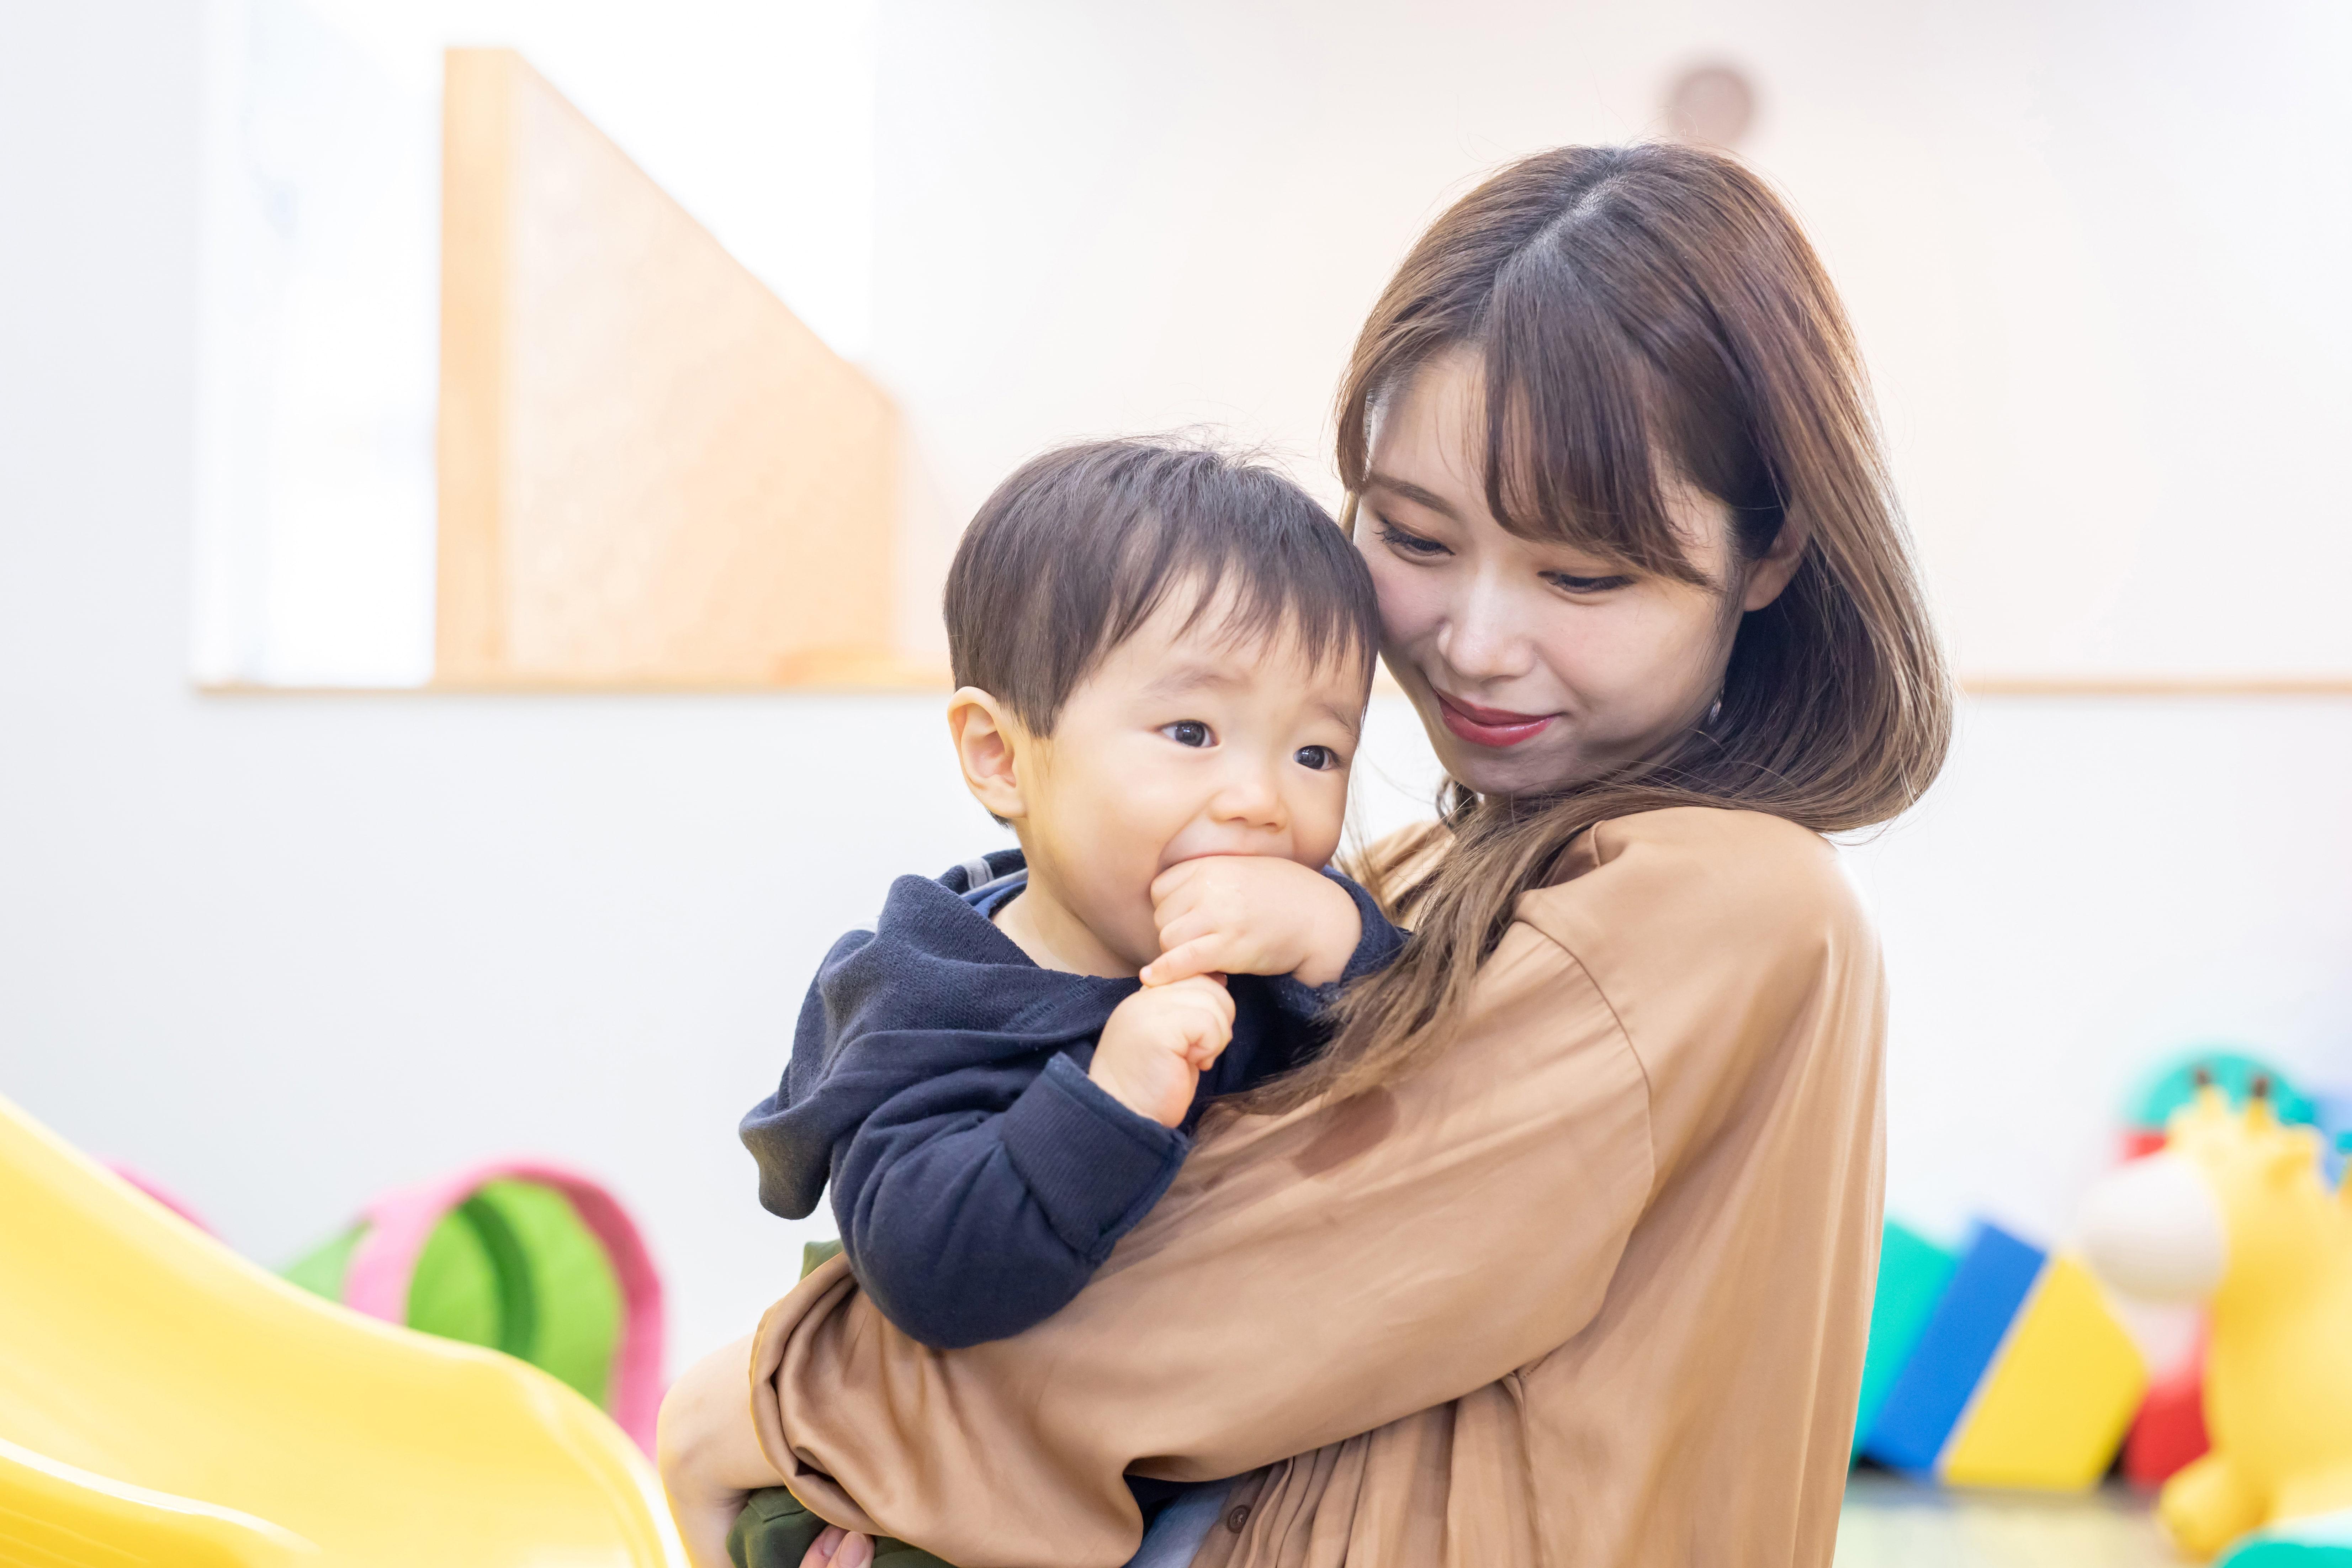 子供を抱っこする女性